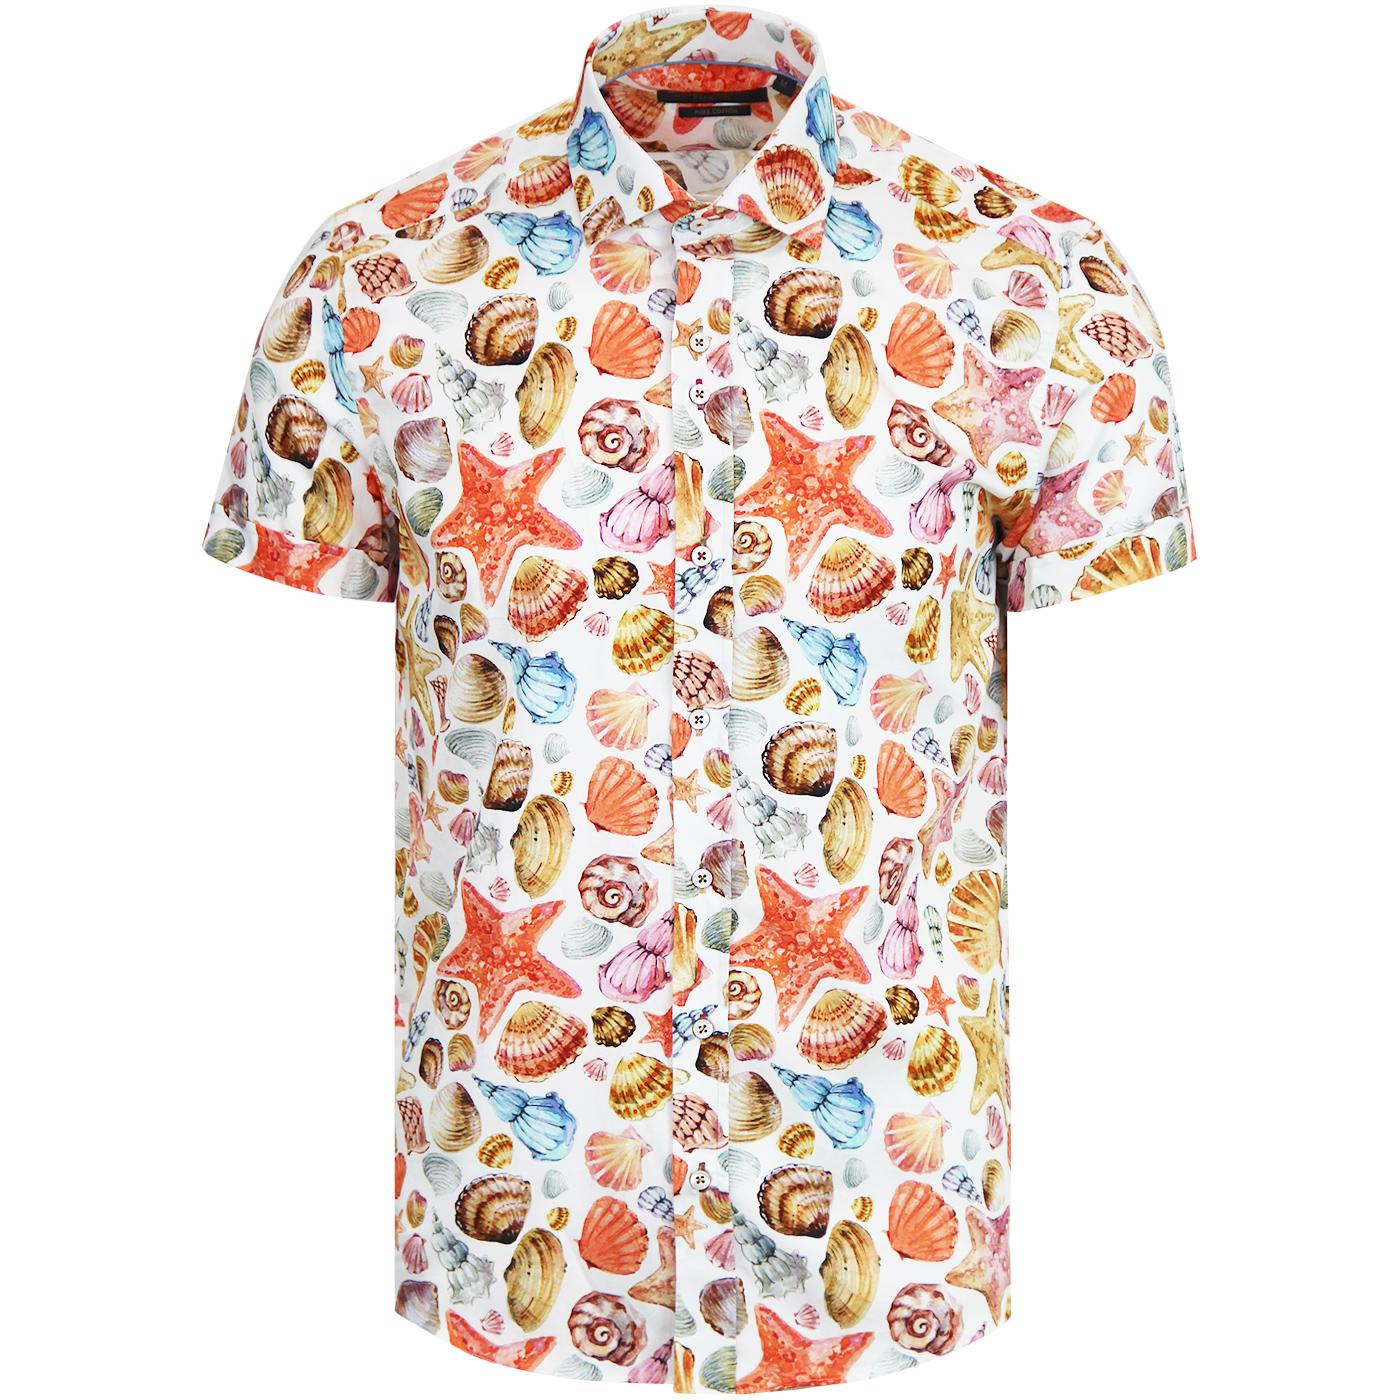 GUIDE LONDON Retro Seashell Print Retro Mod Shirt